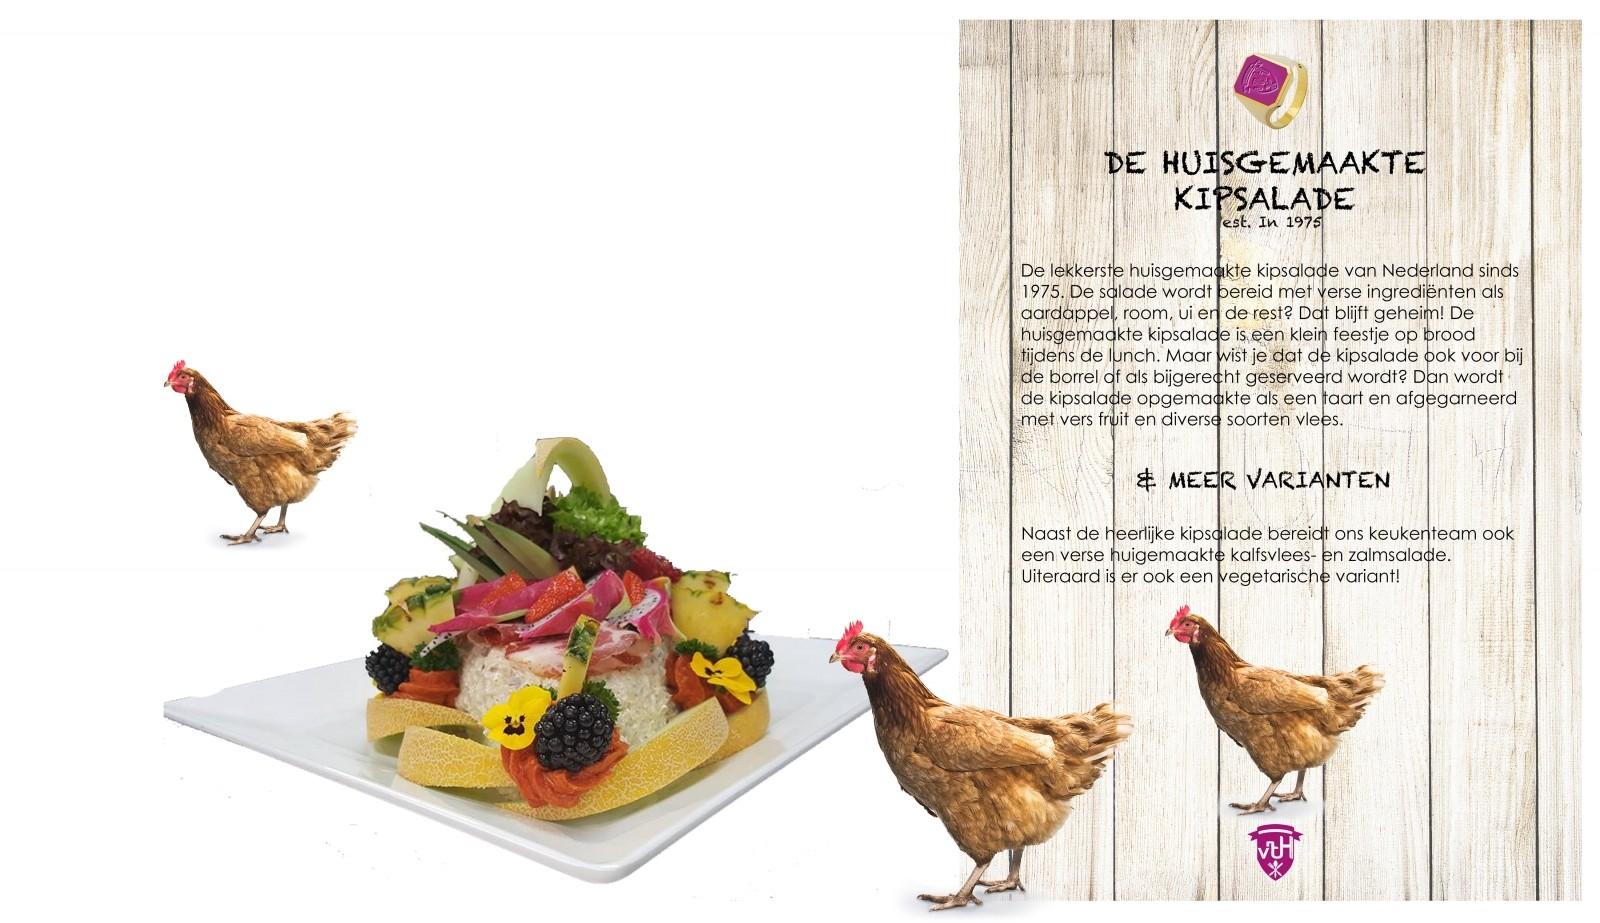 Huisgemaakte Kipsalade Top Product Catering van 't Hooge Bedrijfsrestaurant